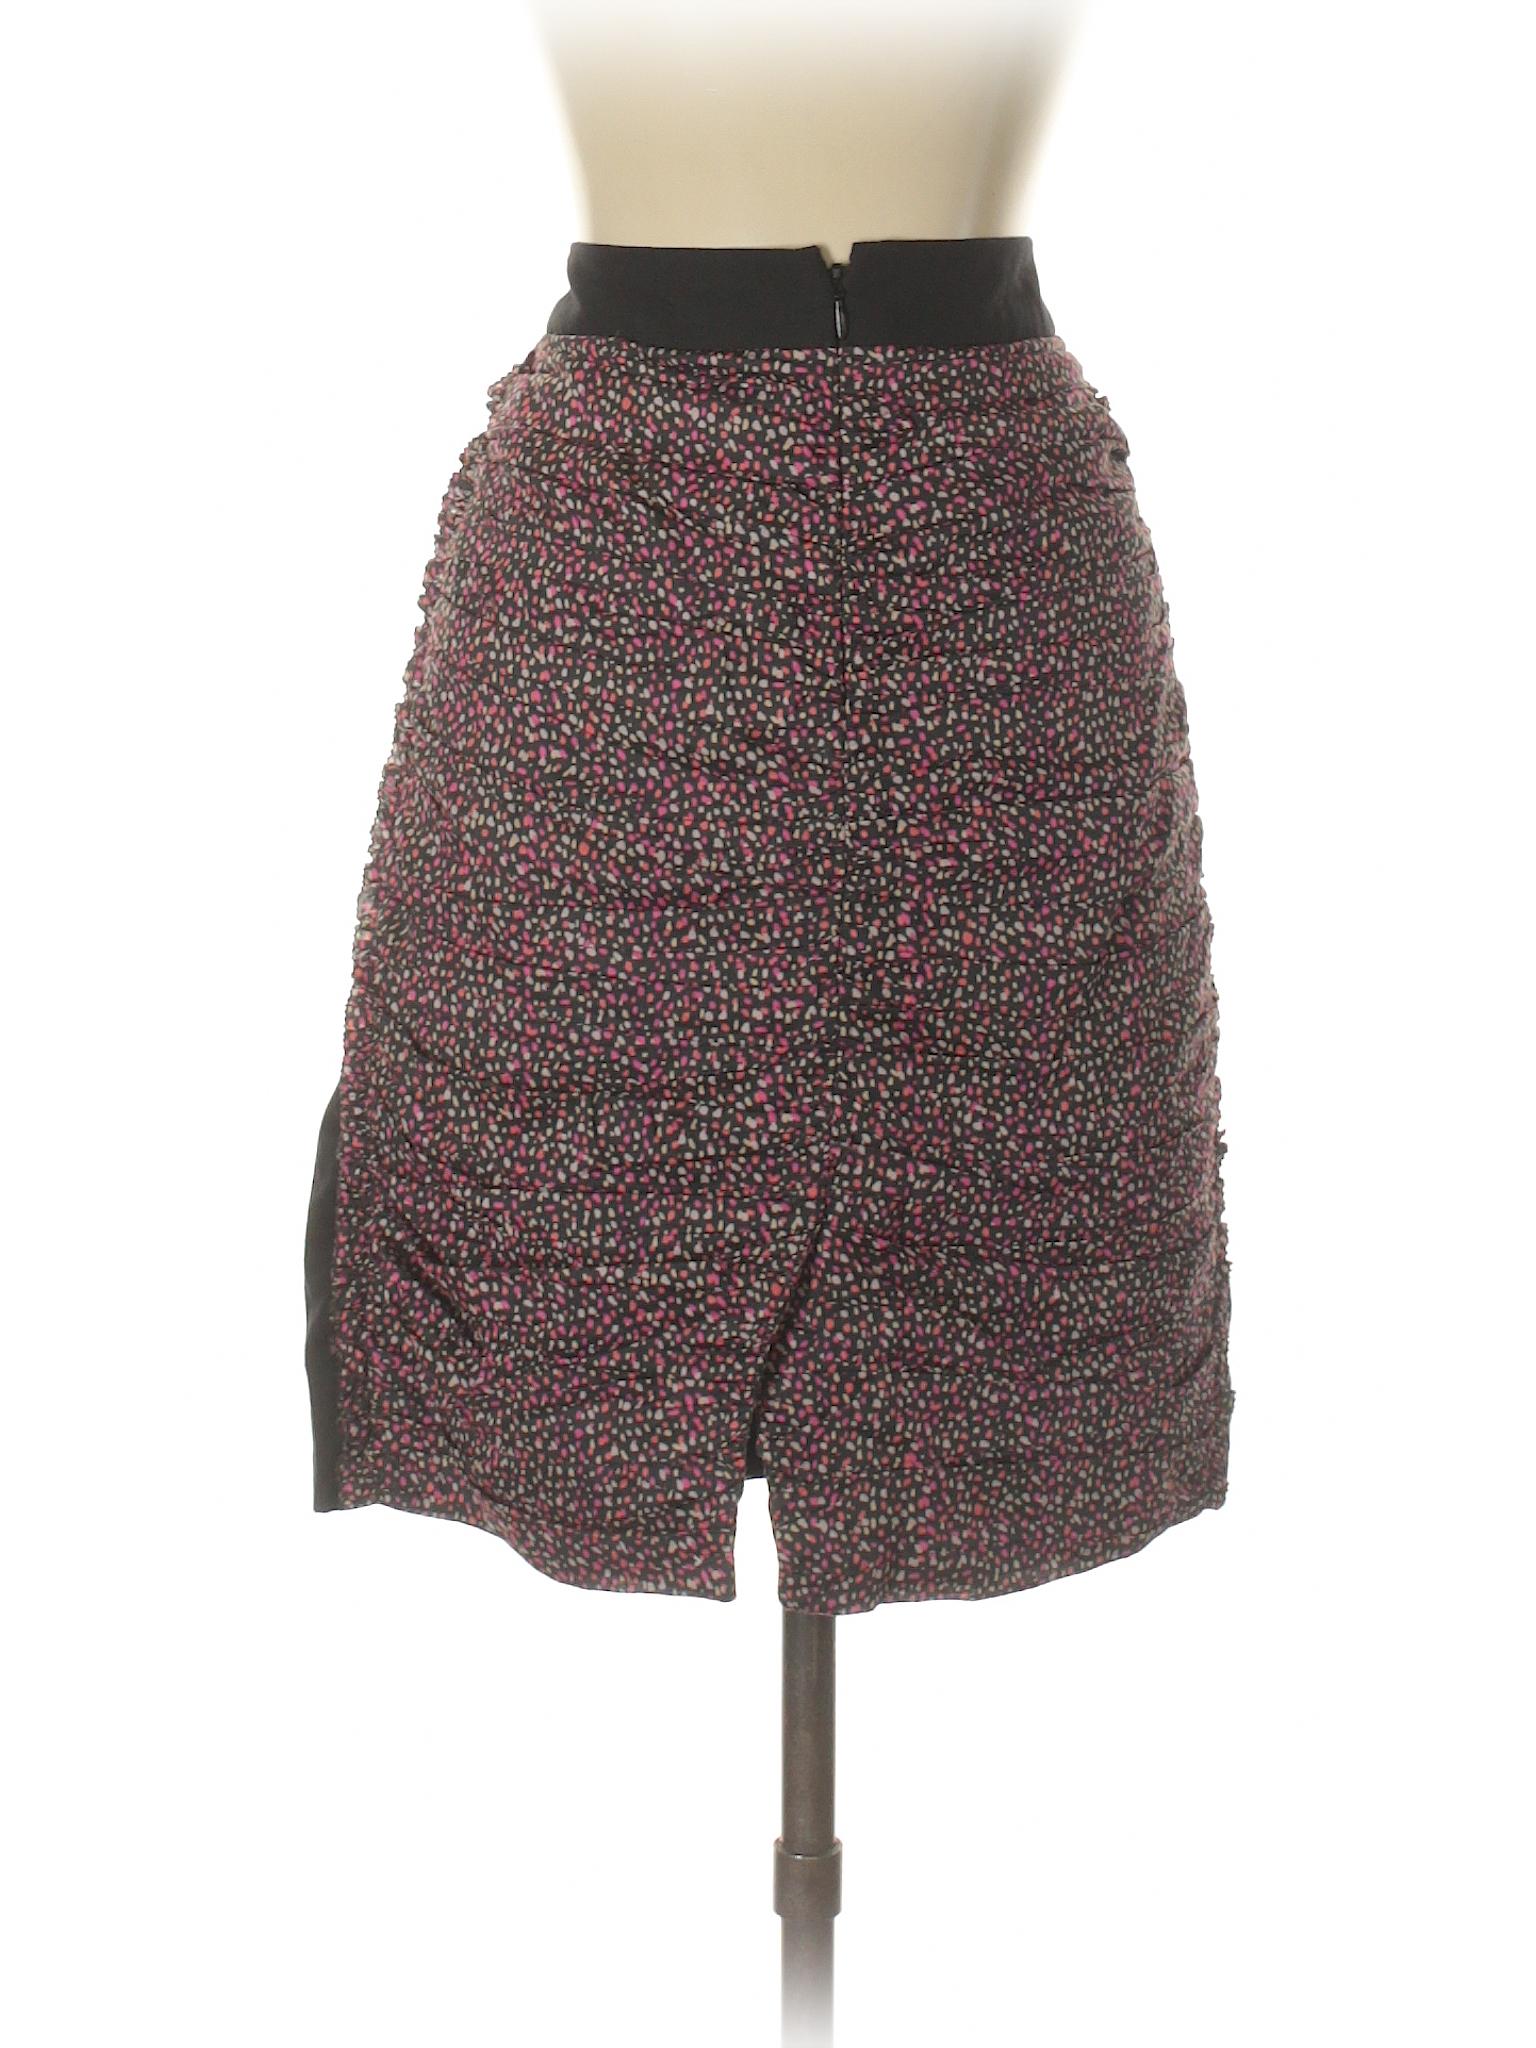 Skirt Casual Boutique Boutique Casual qBv4FF